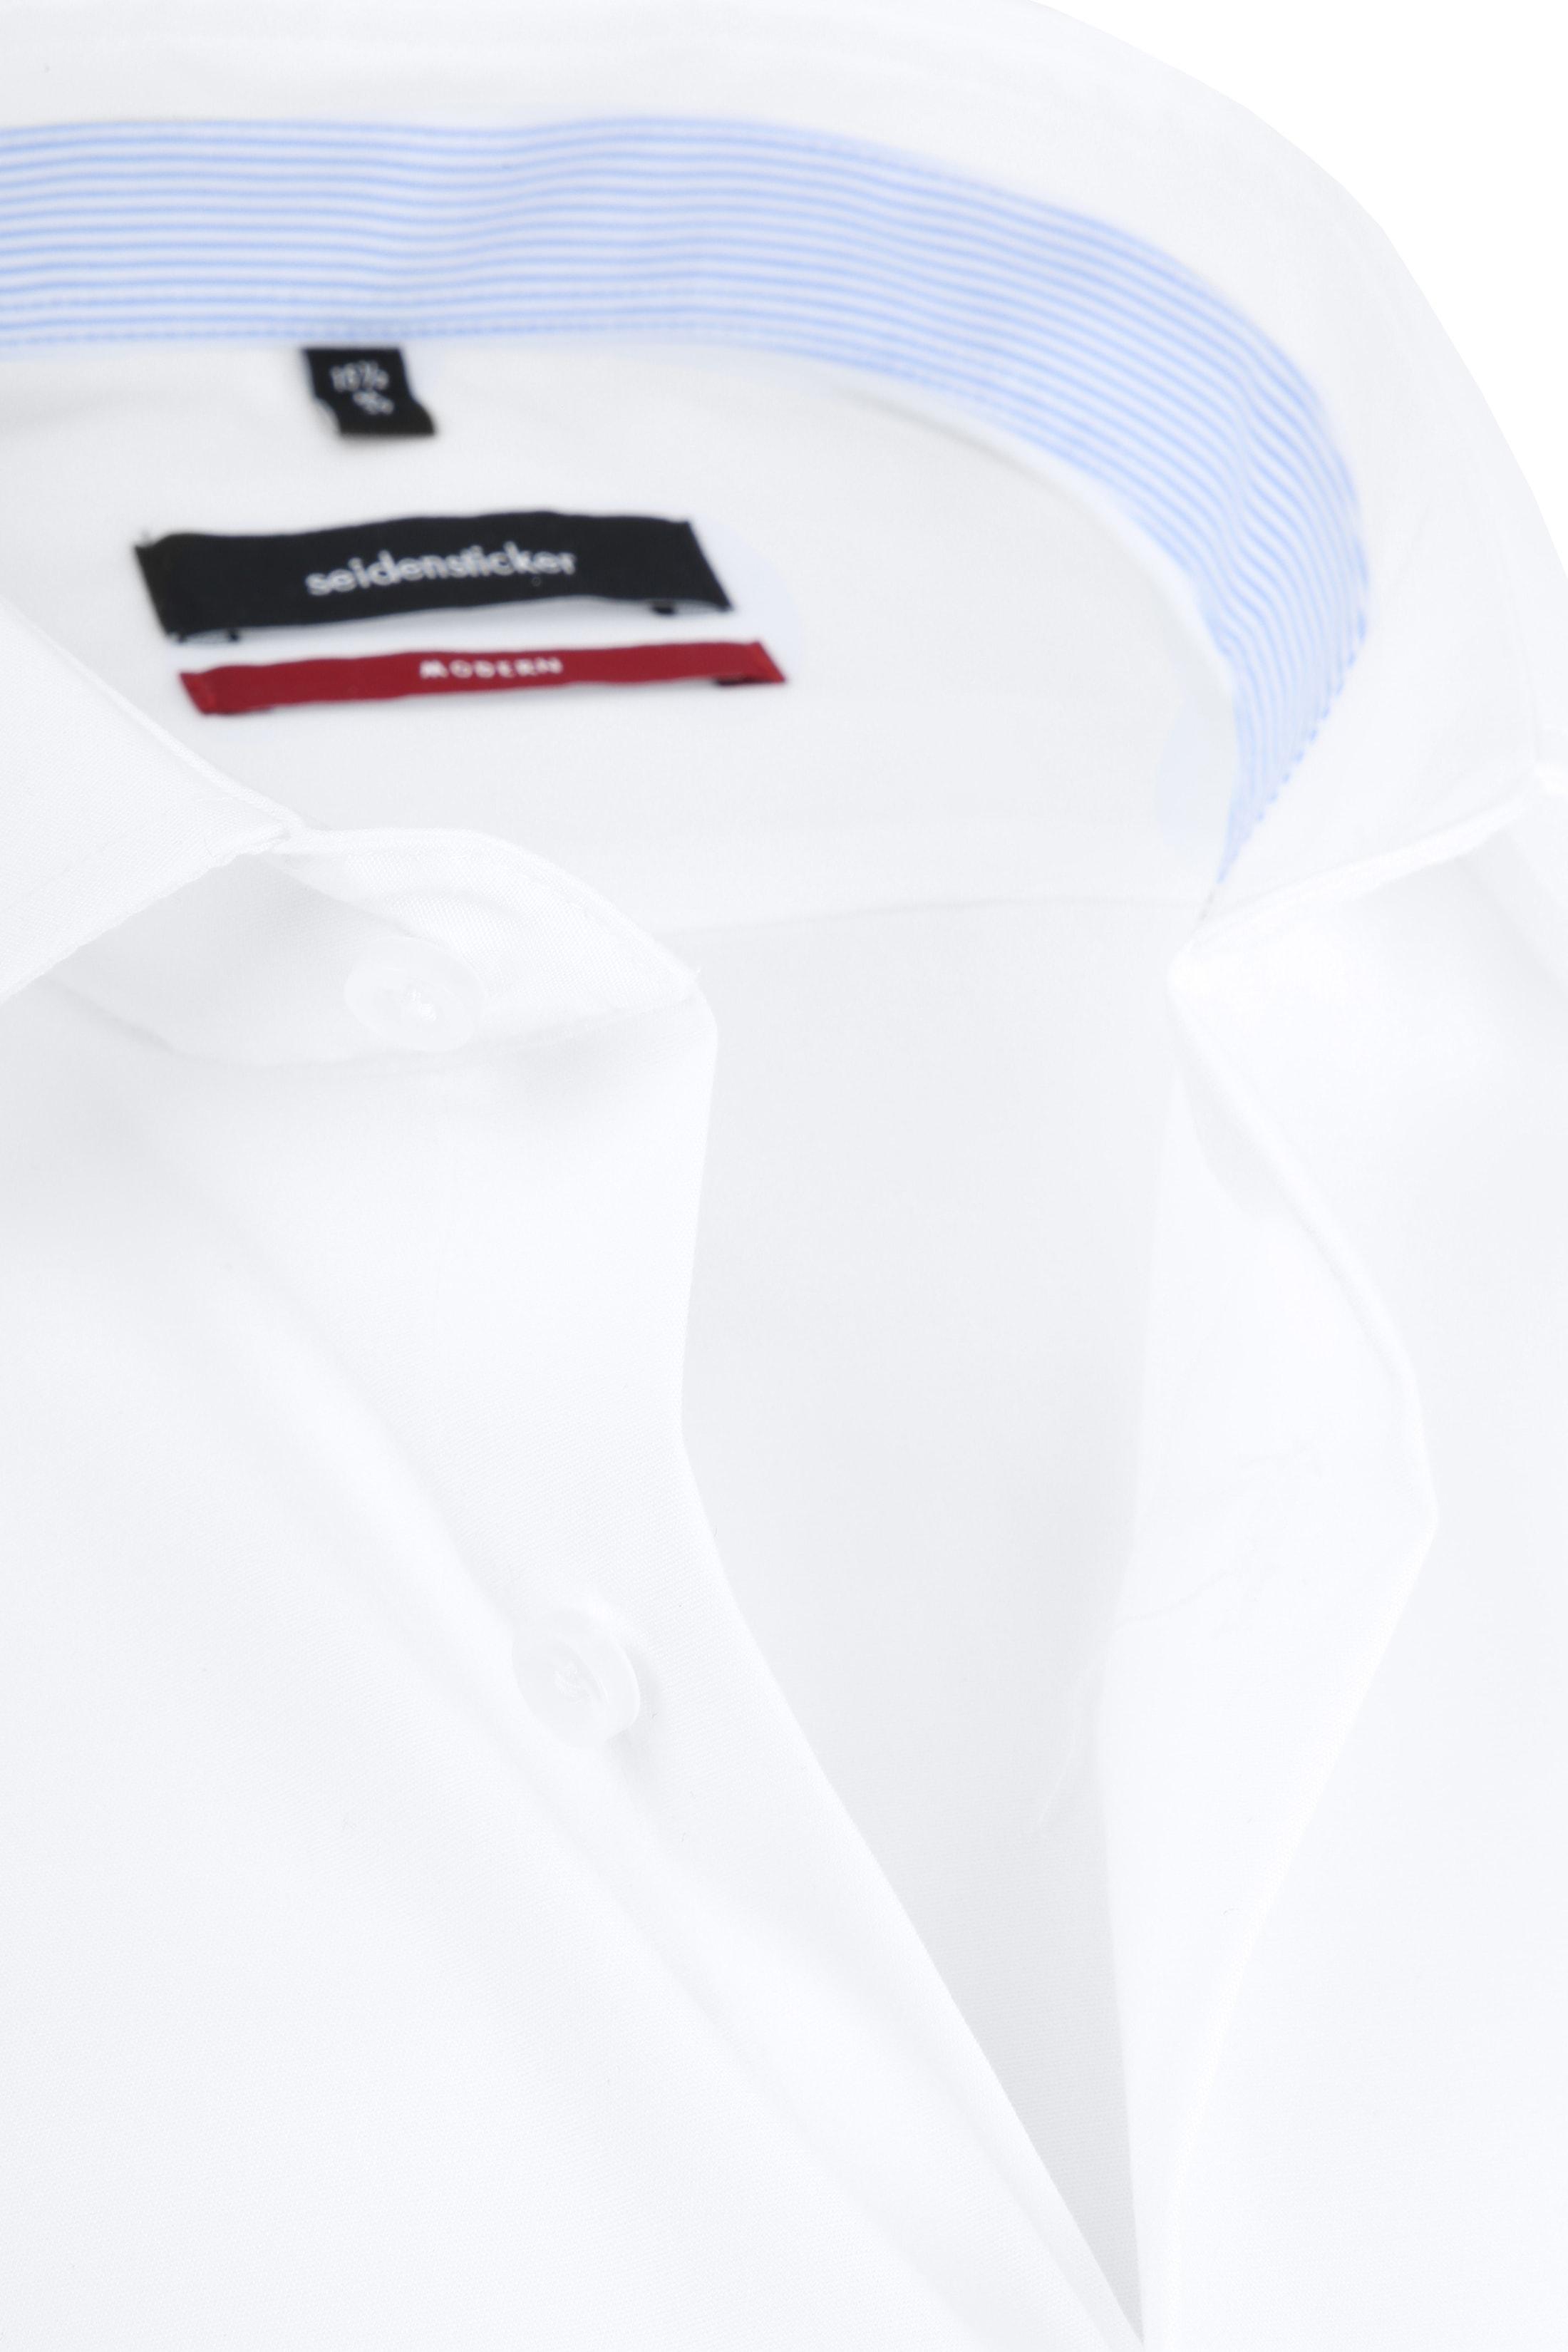 Seidensticker Shirt White MF foto 1